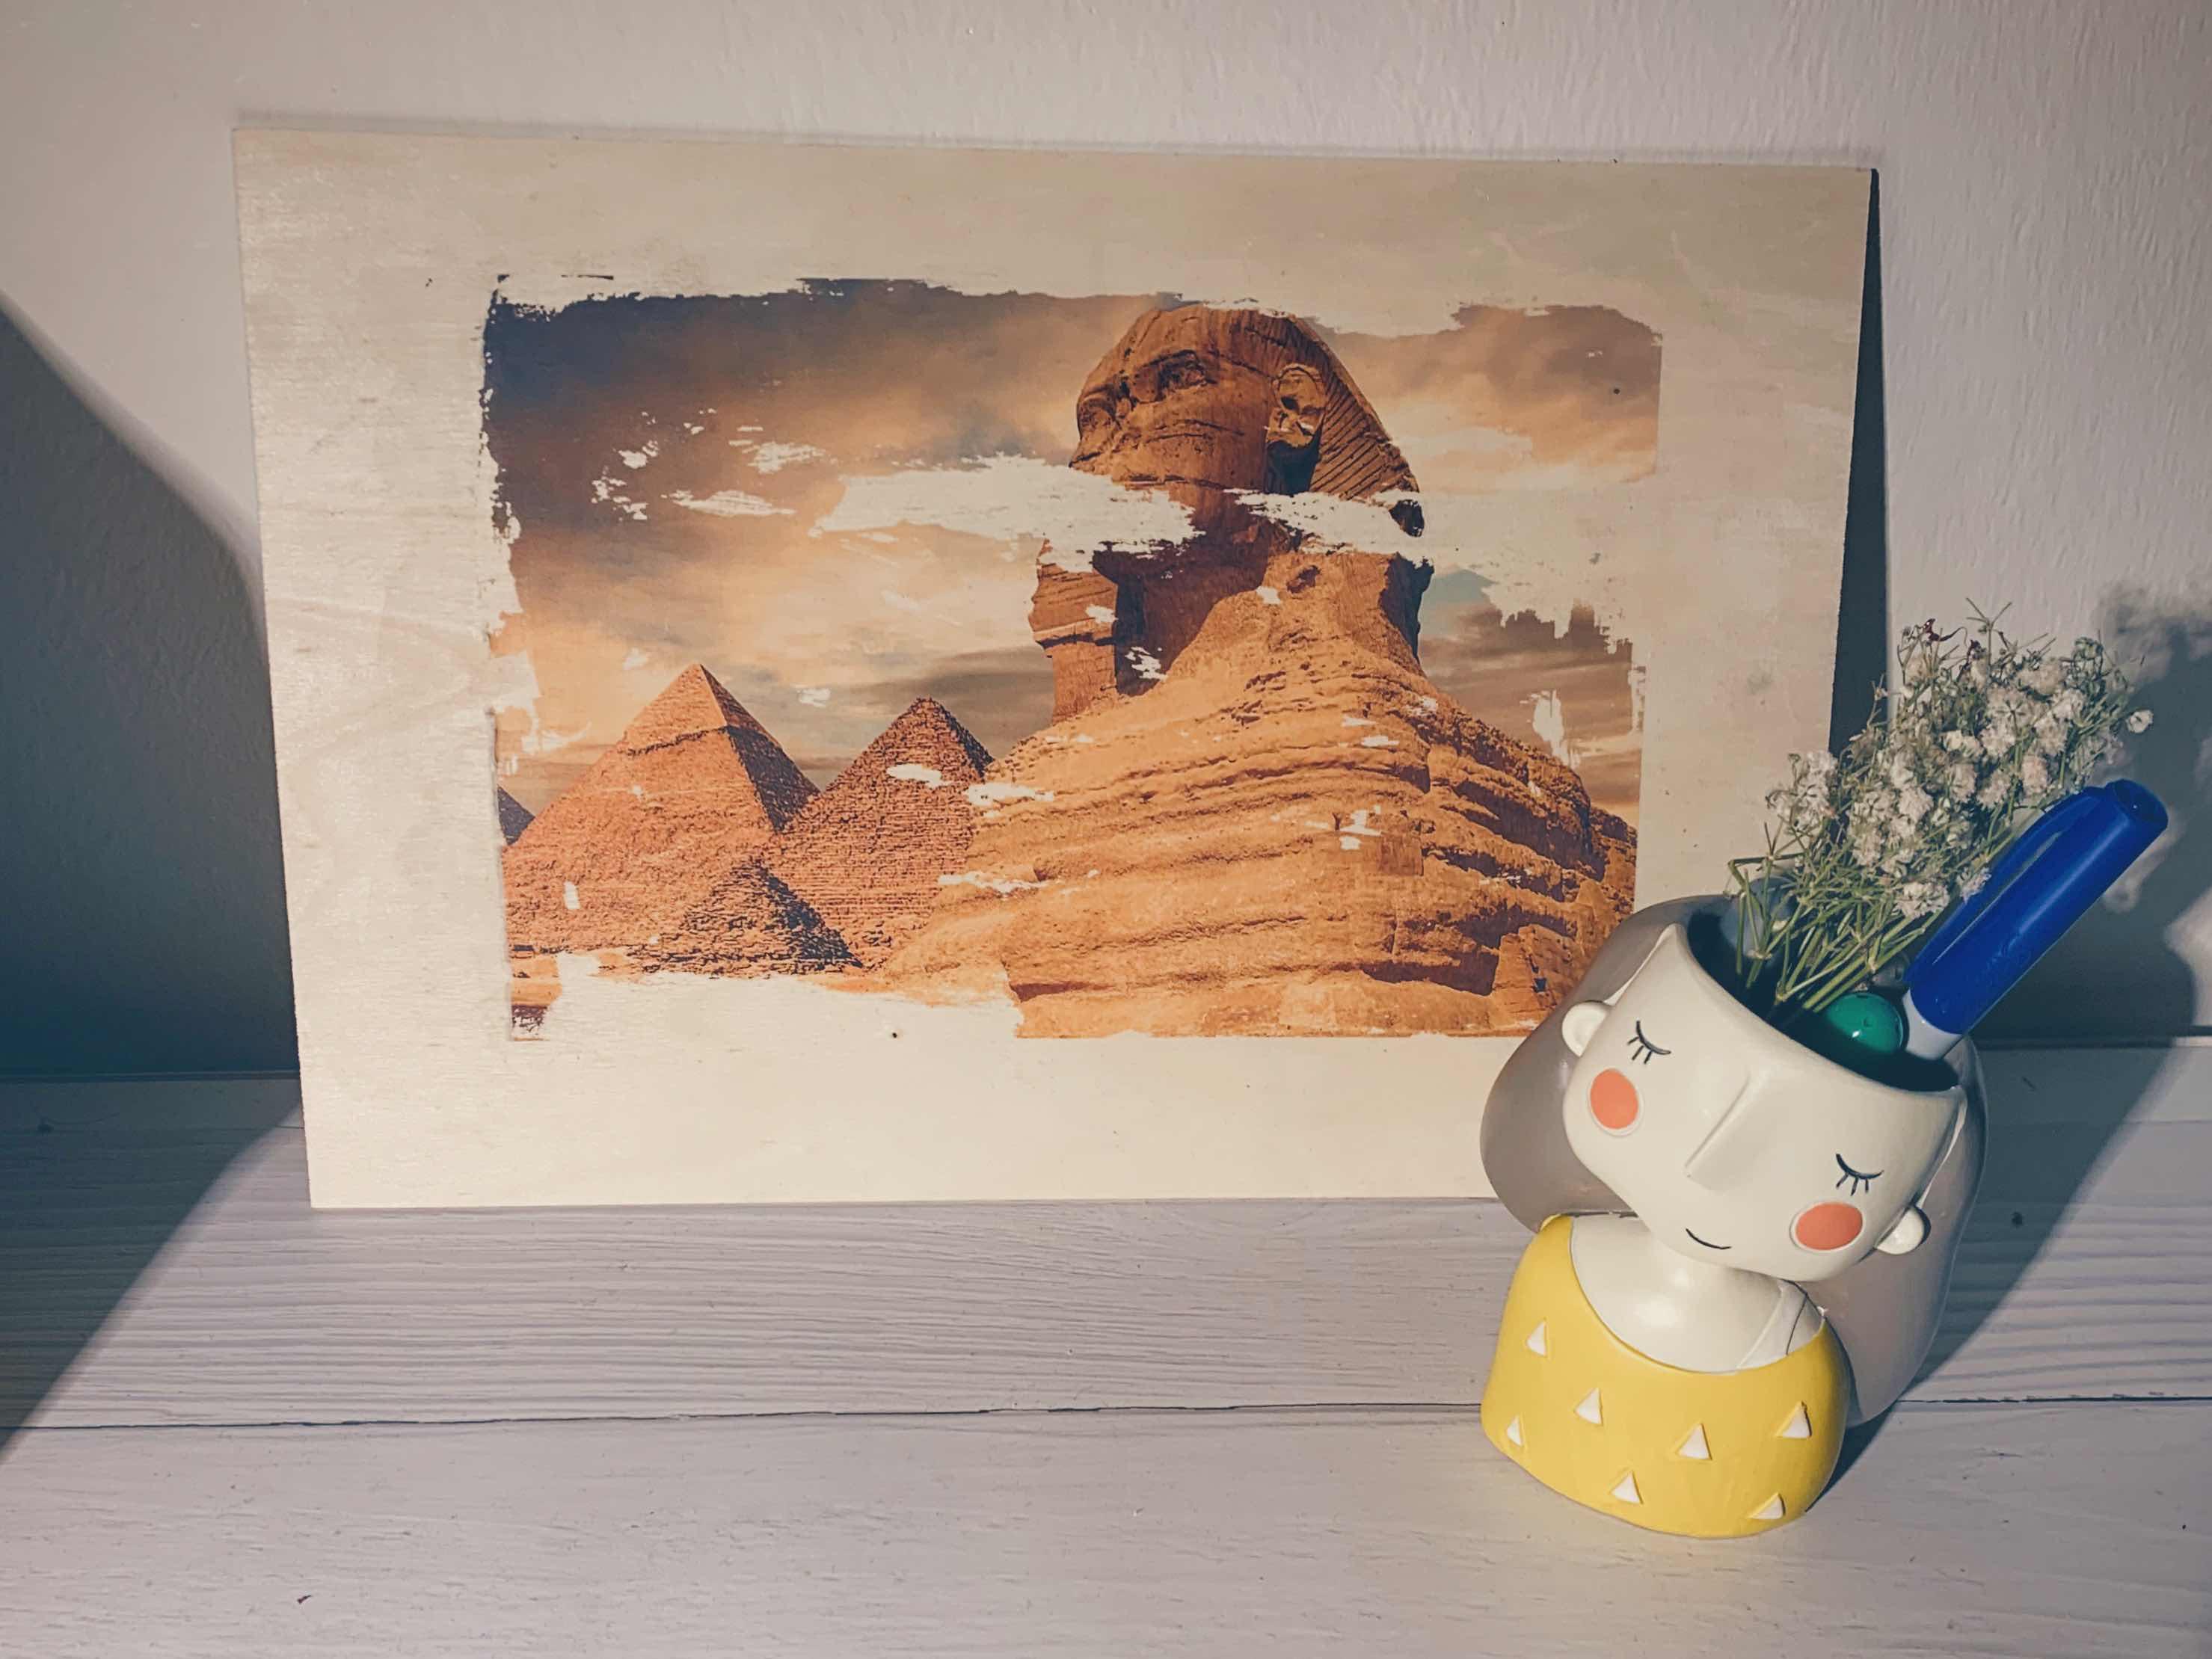 طباعة صورة على خشب